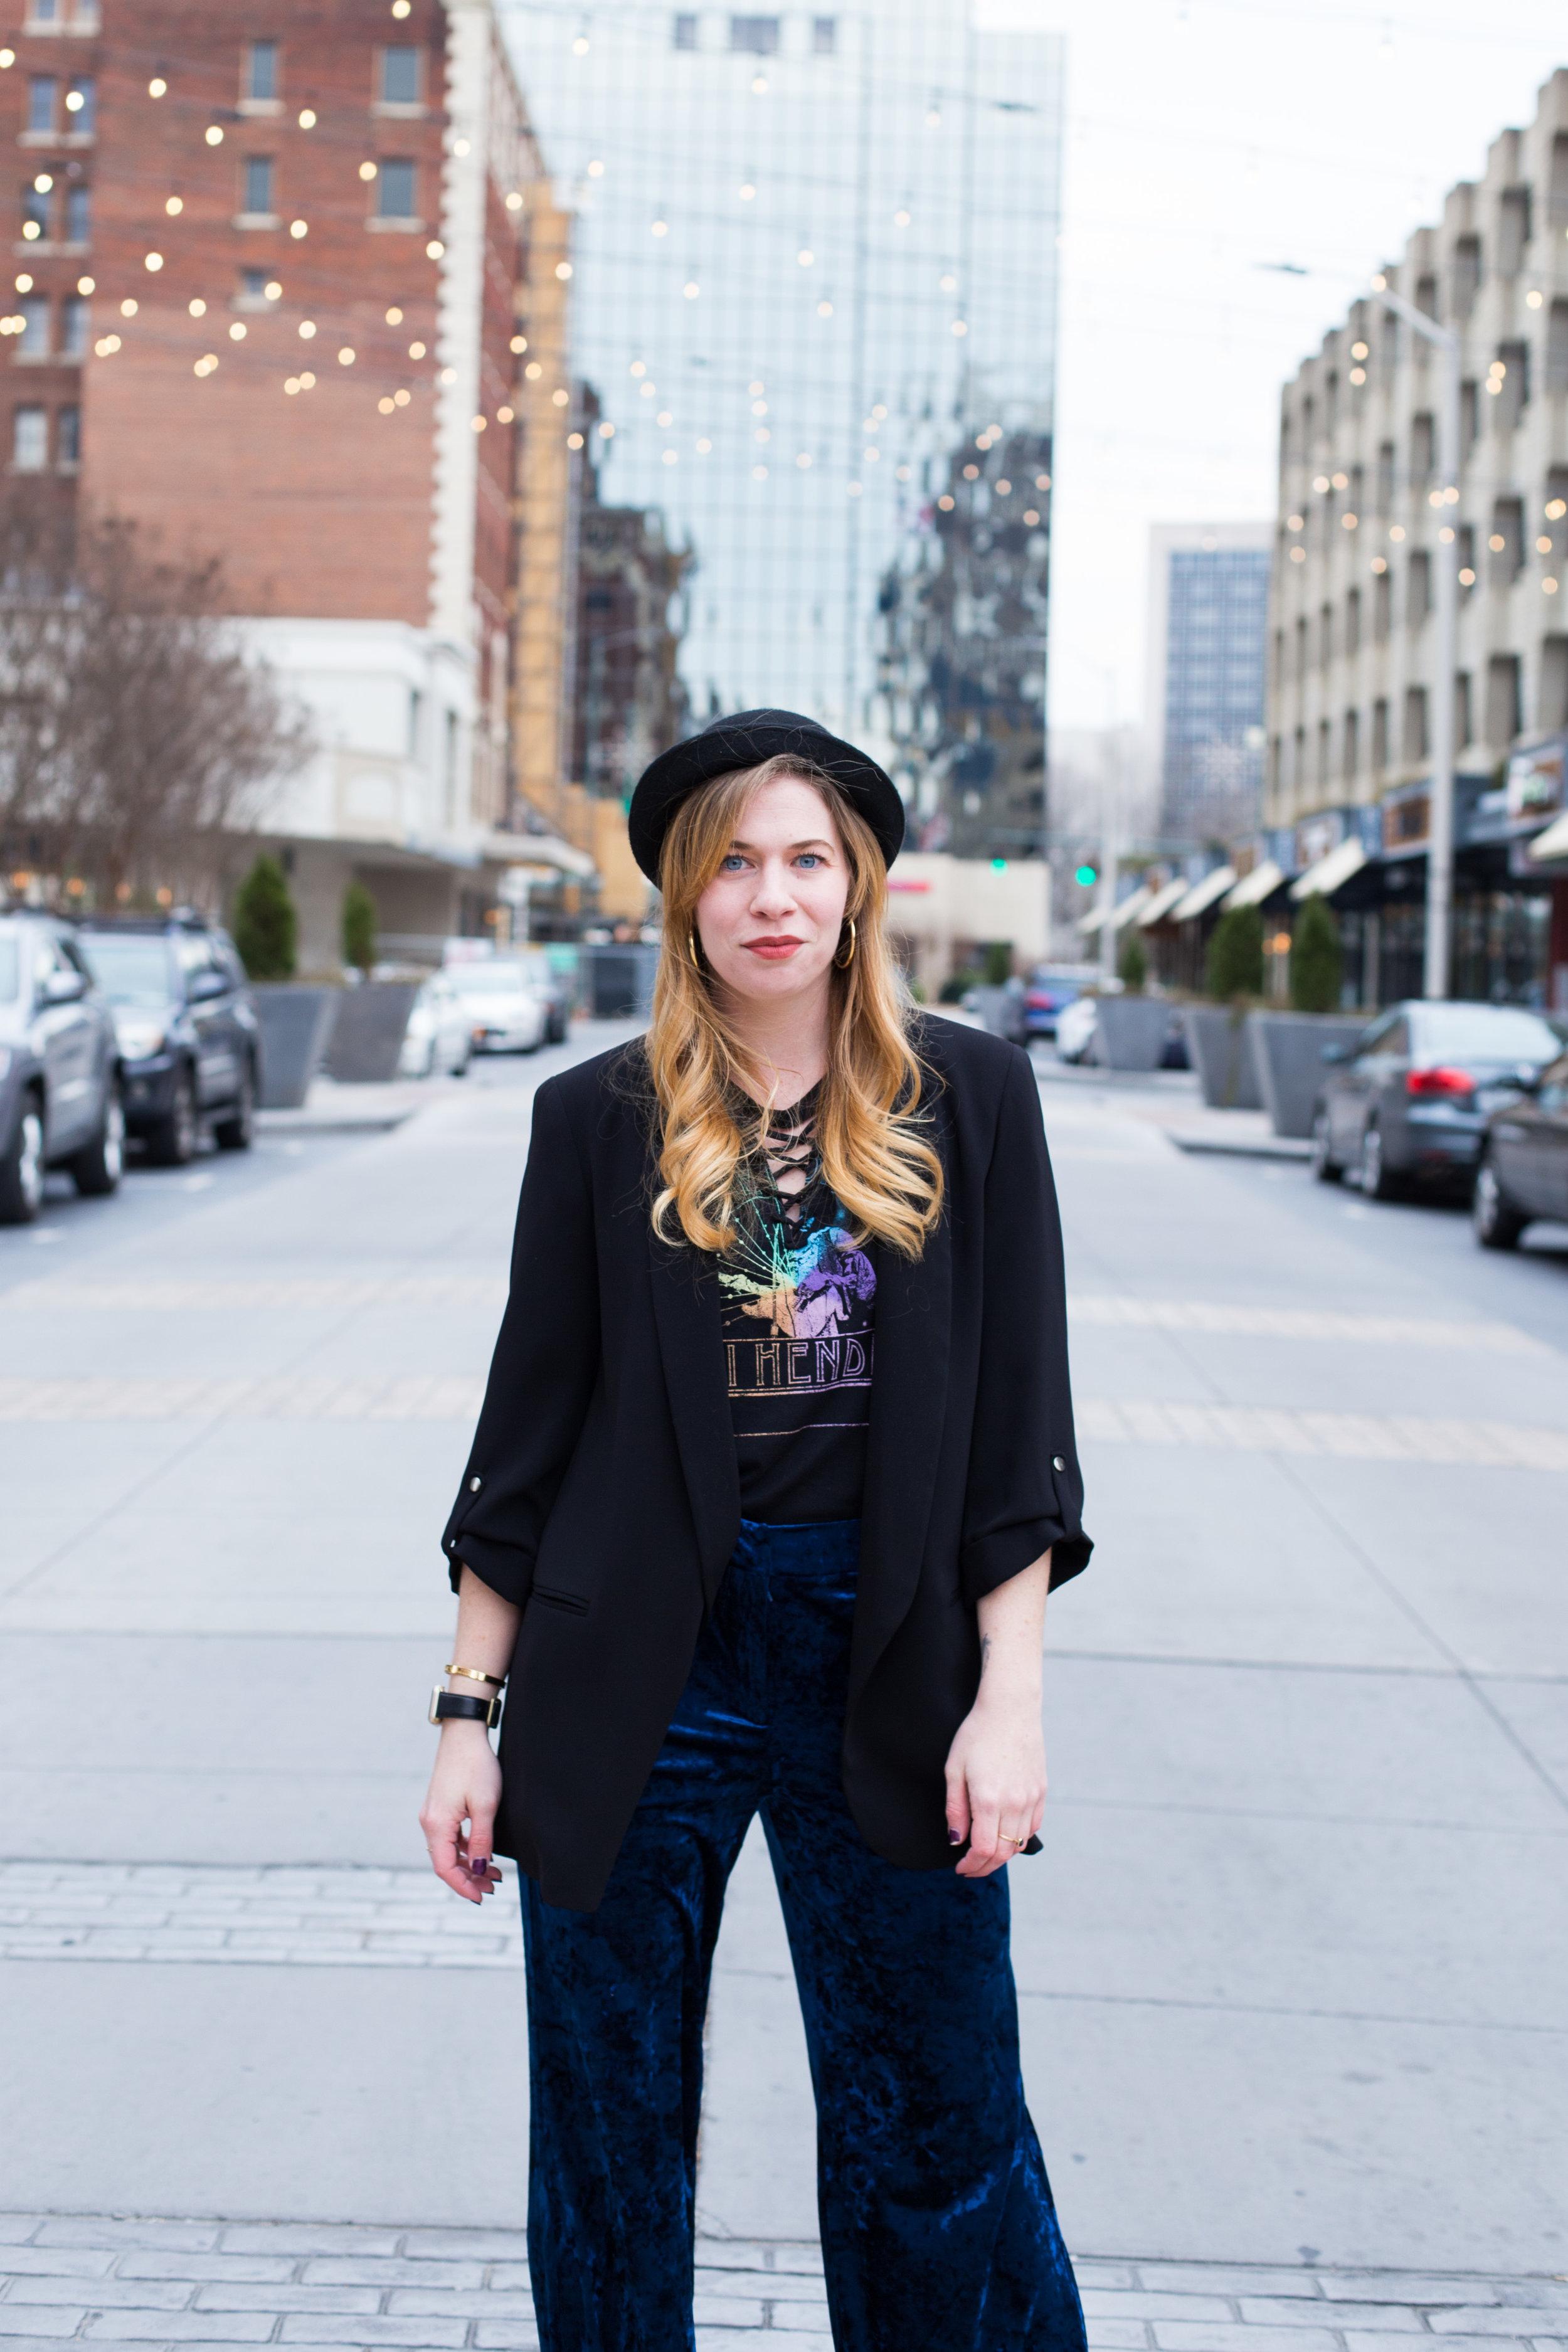 Blue Velvet Pants. Jimi Hendrix Shirt. Black Derby Hat.